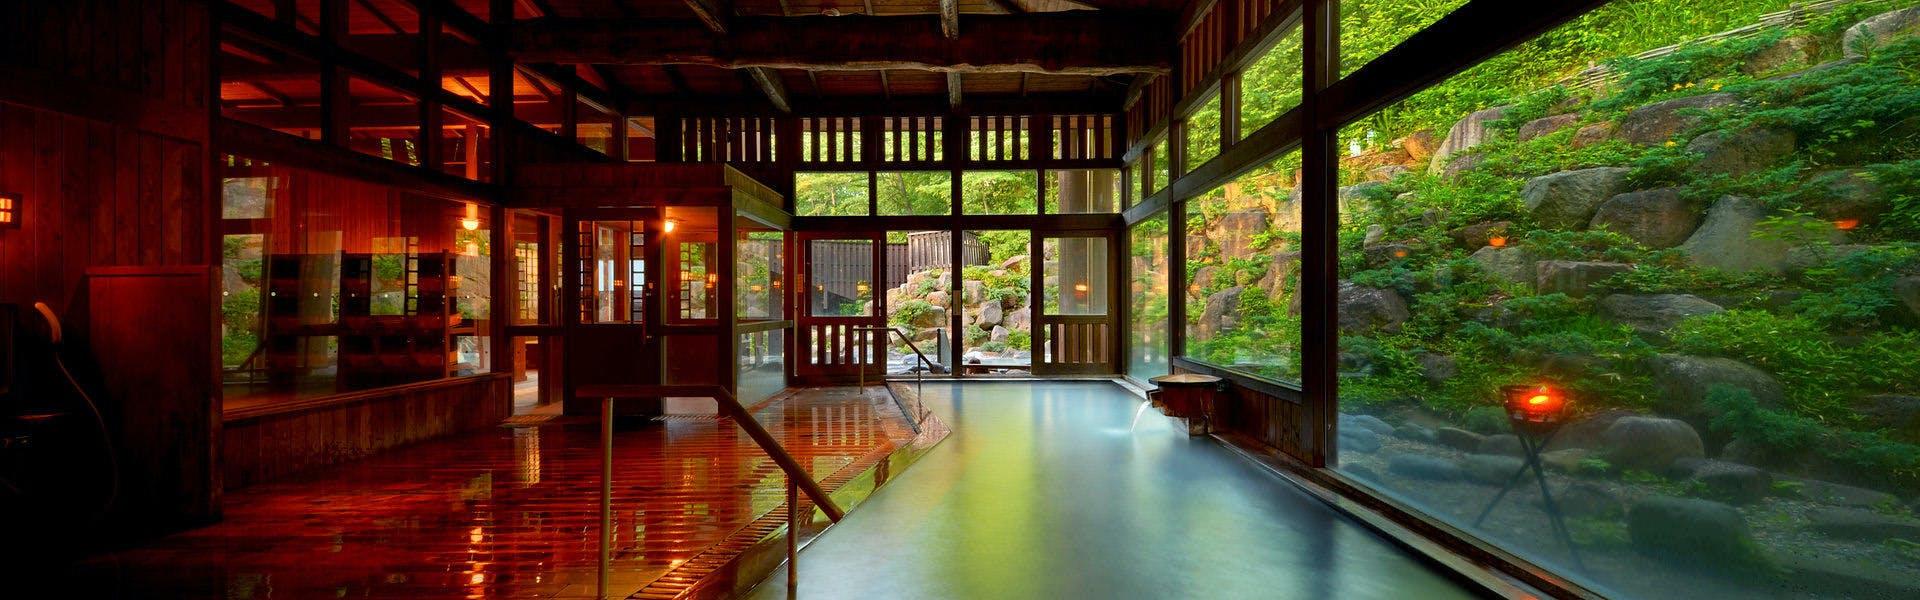 記念日におすすめのホテル・八右衛門の湯 蔵王国際ホテルの写真1